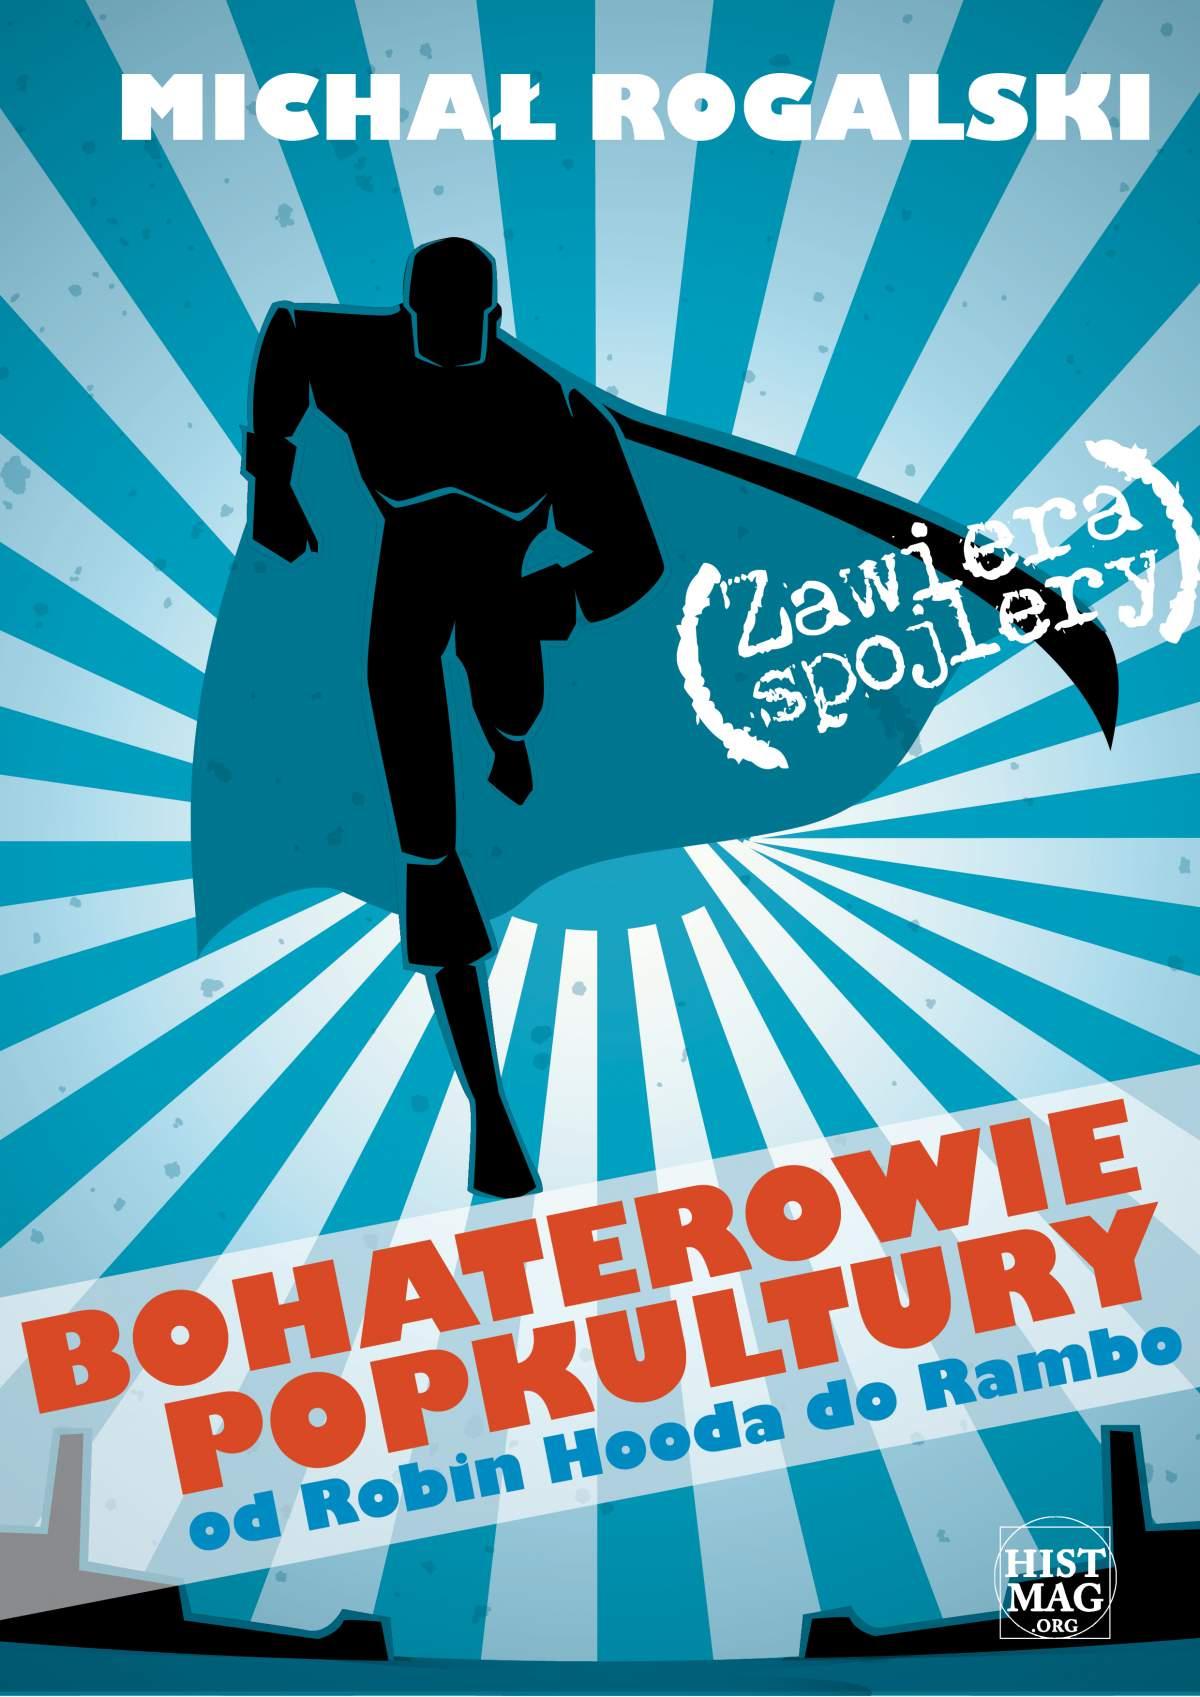 Bohaterowie popkultury: od Robin Hooda do Rambo - Ebook (Książka EPUB) do pobrania w formacie EPUB